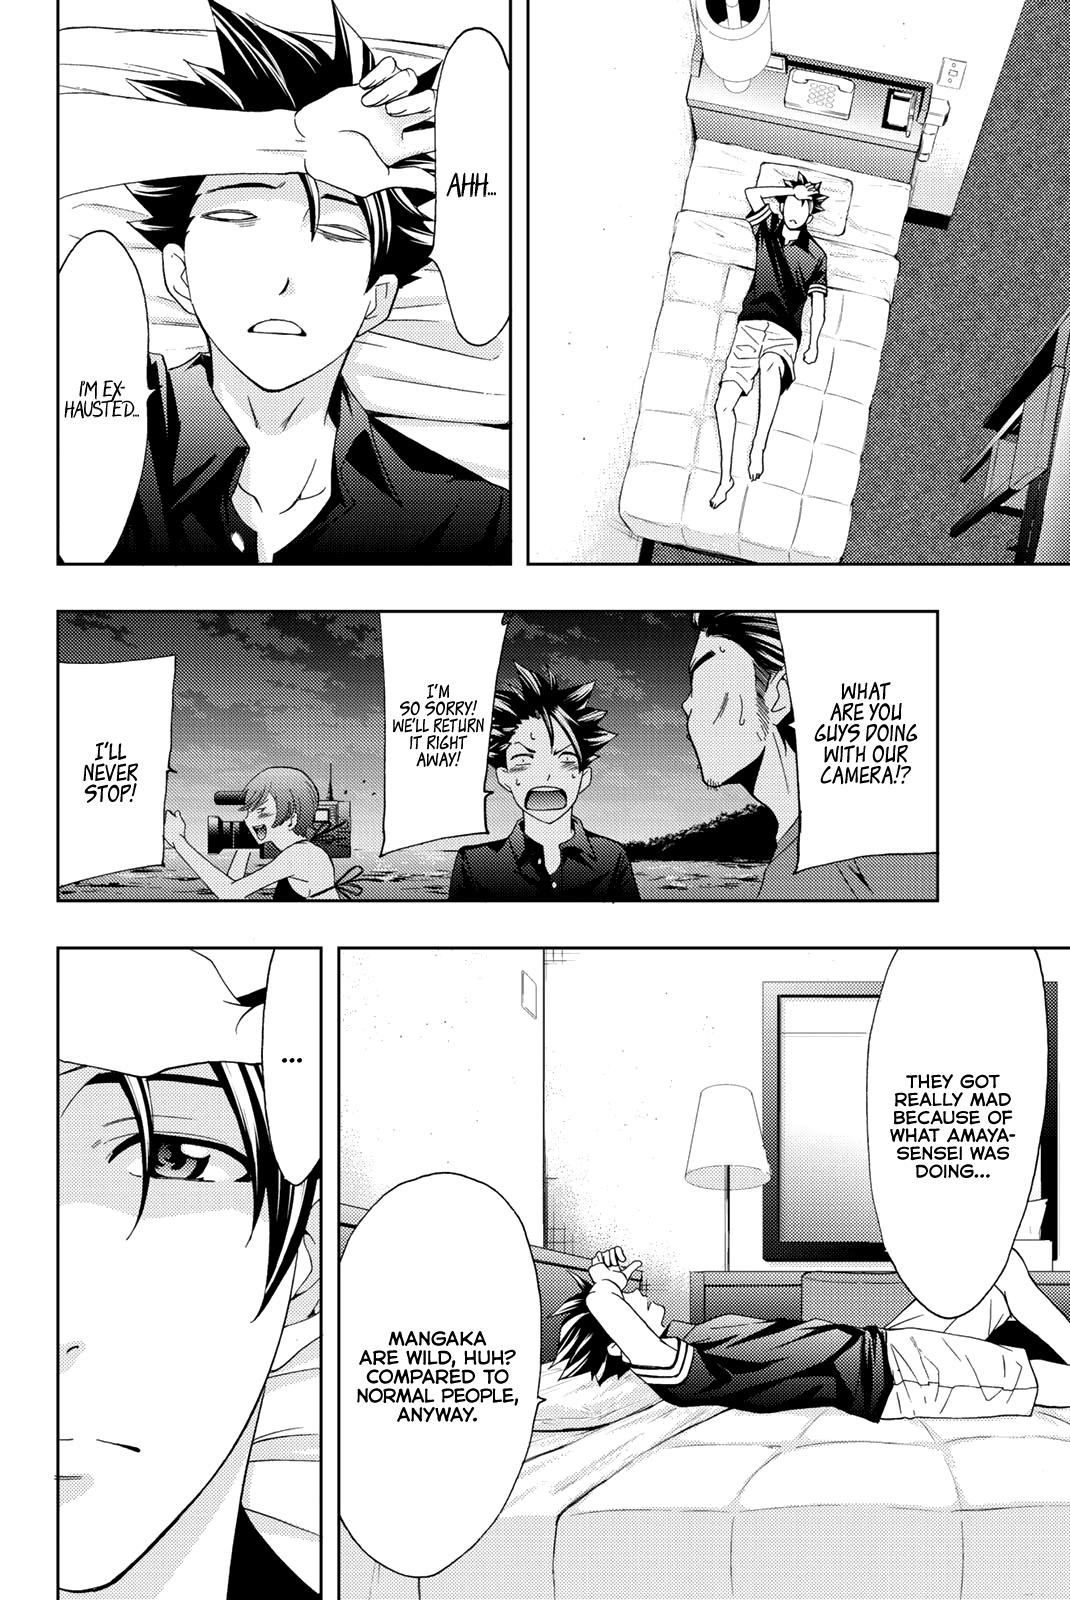 Manga Hitman (Kouji Seo) - Chapter 62 Page 17